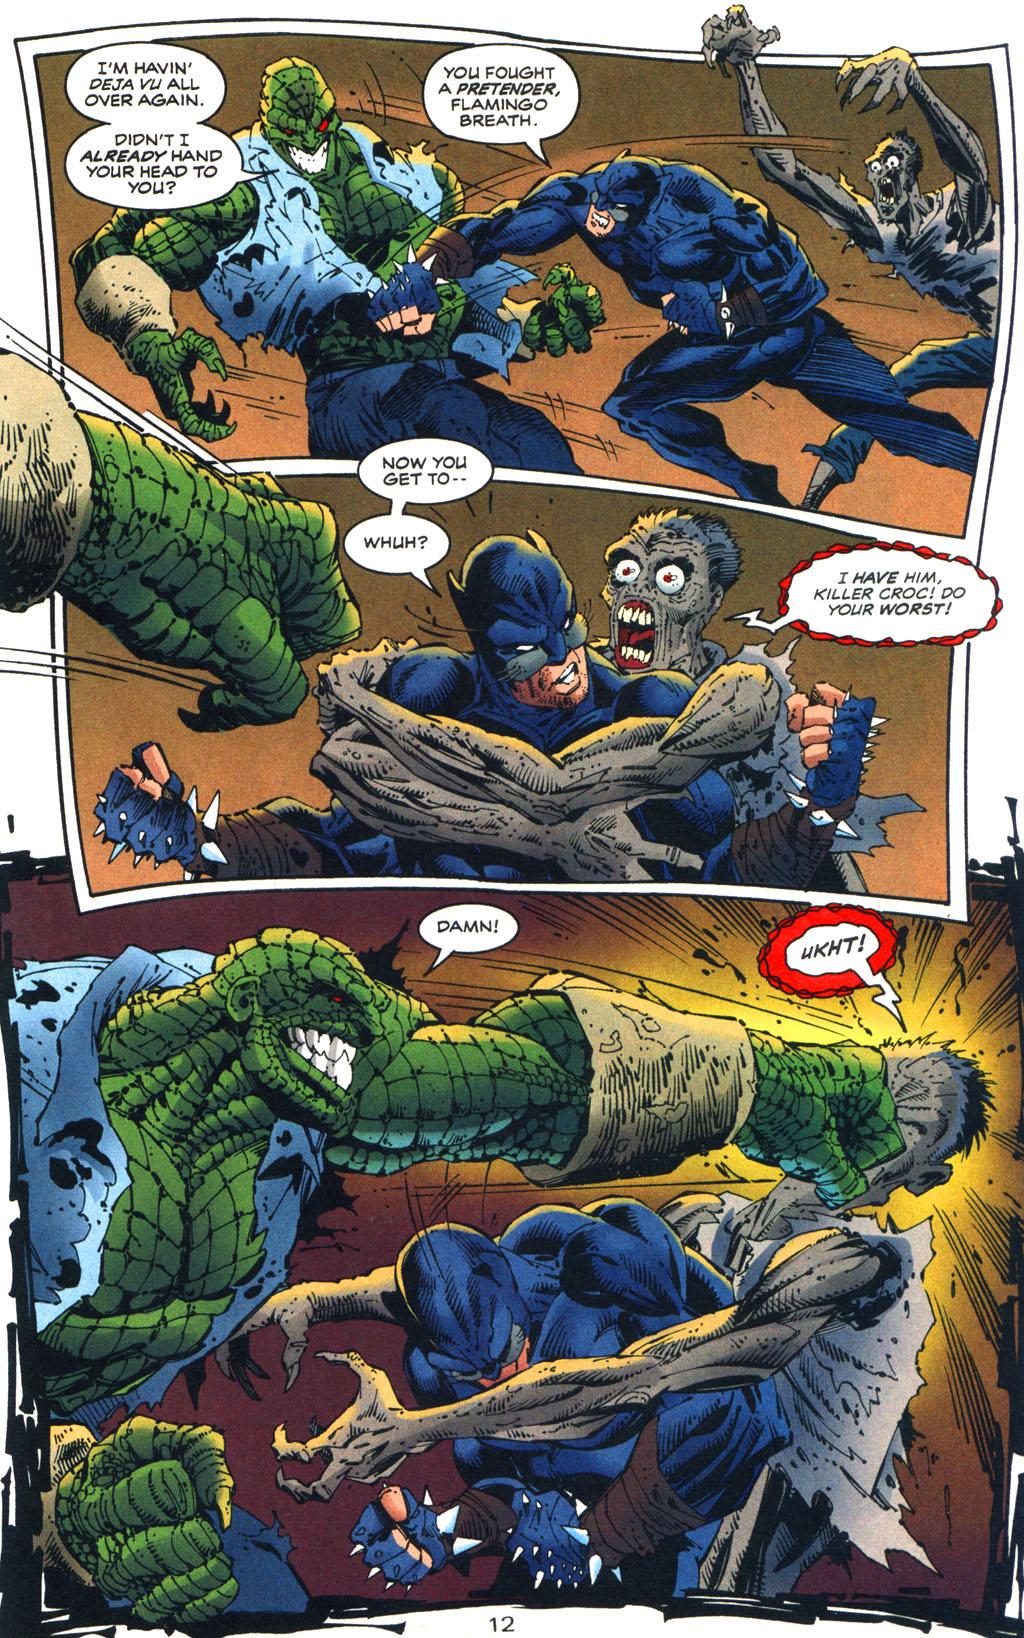 Read online Batman/Wildcat comic -  Issue #3 - 12